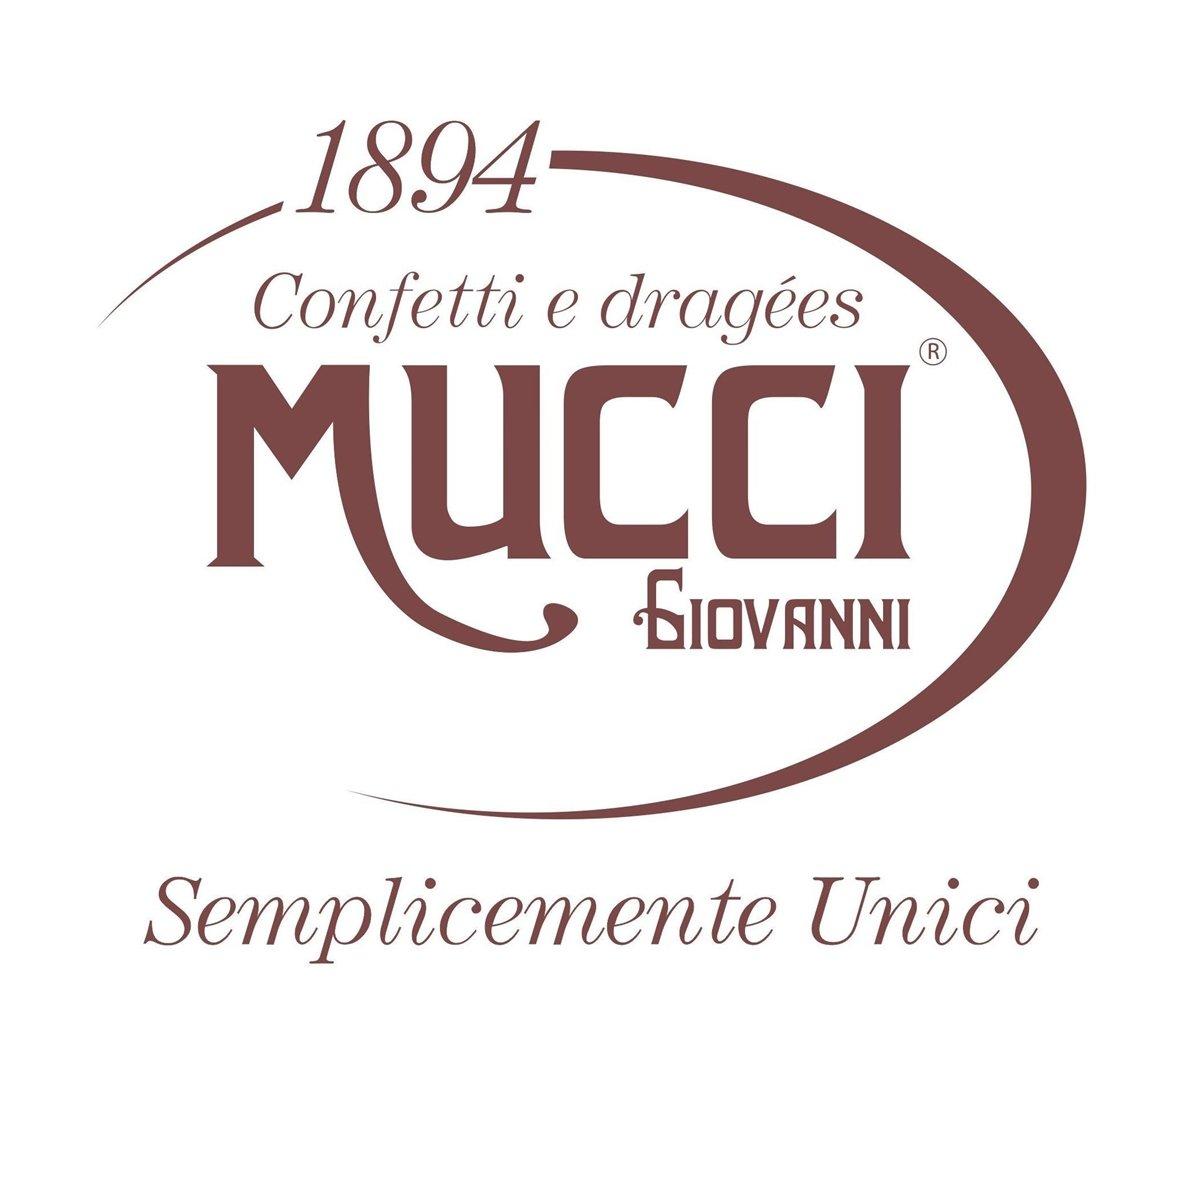 Innovazione pugliese nel food made in Italy